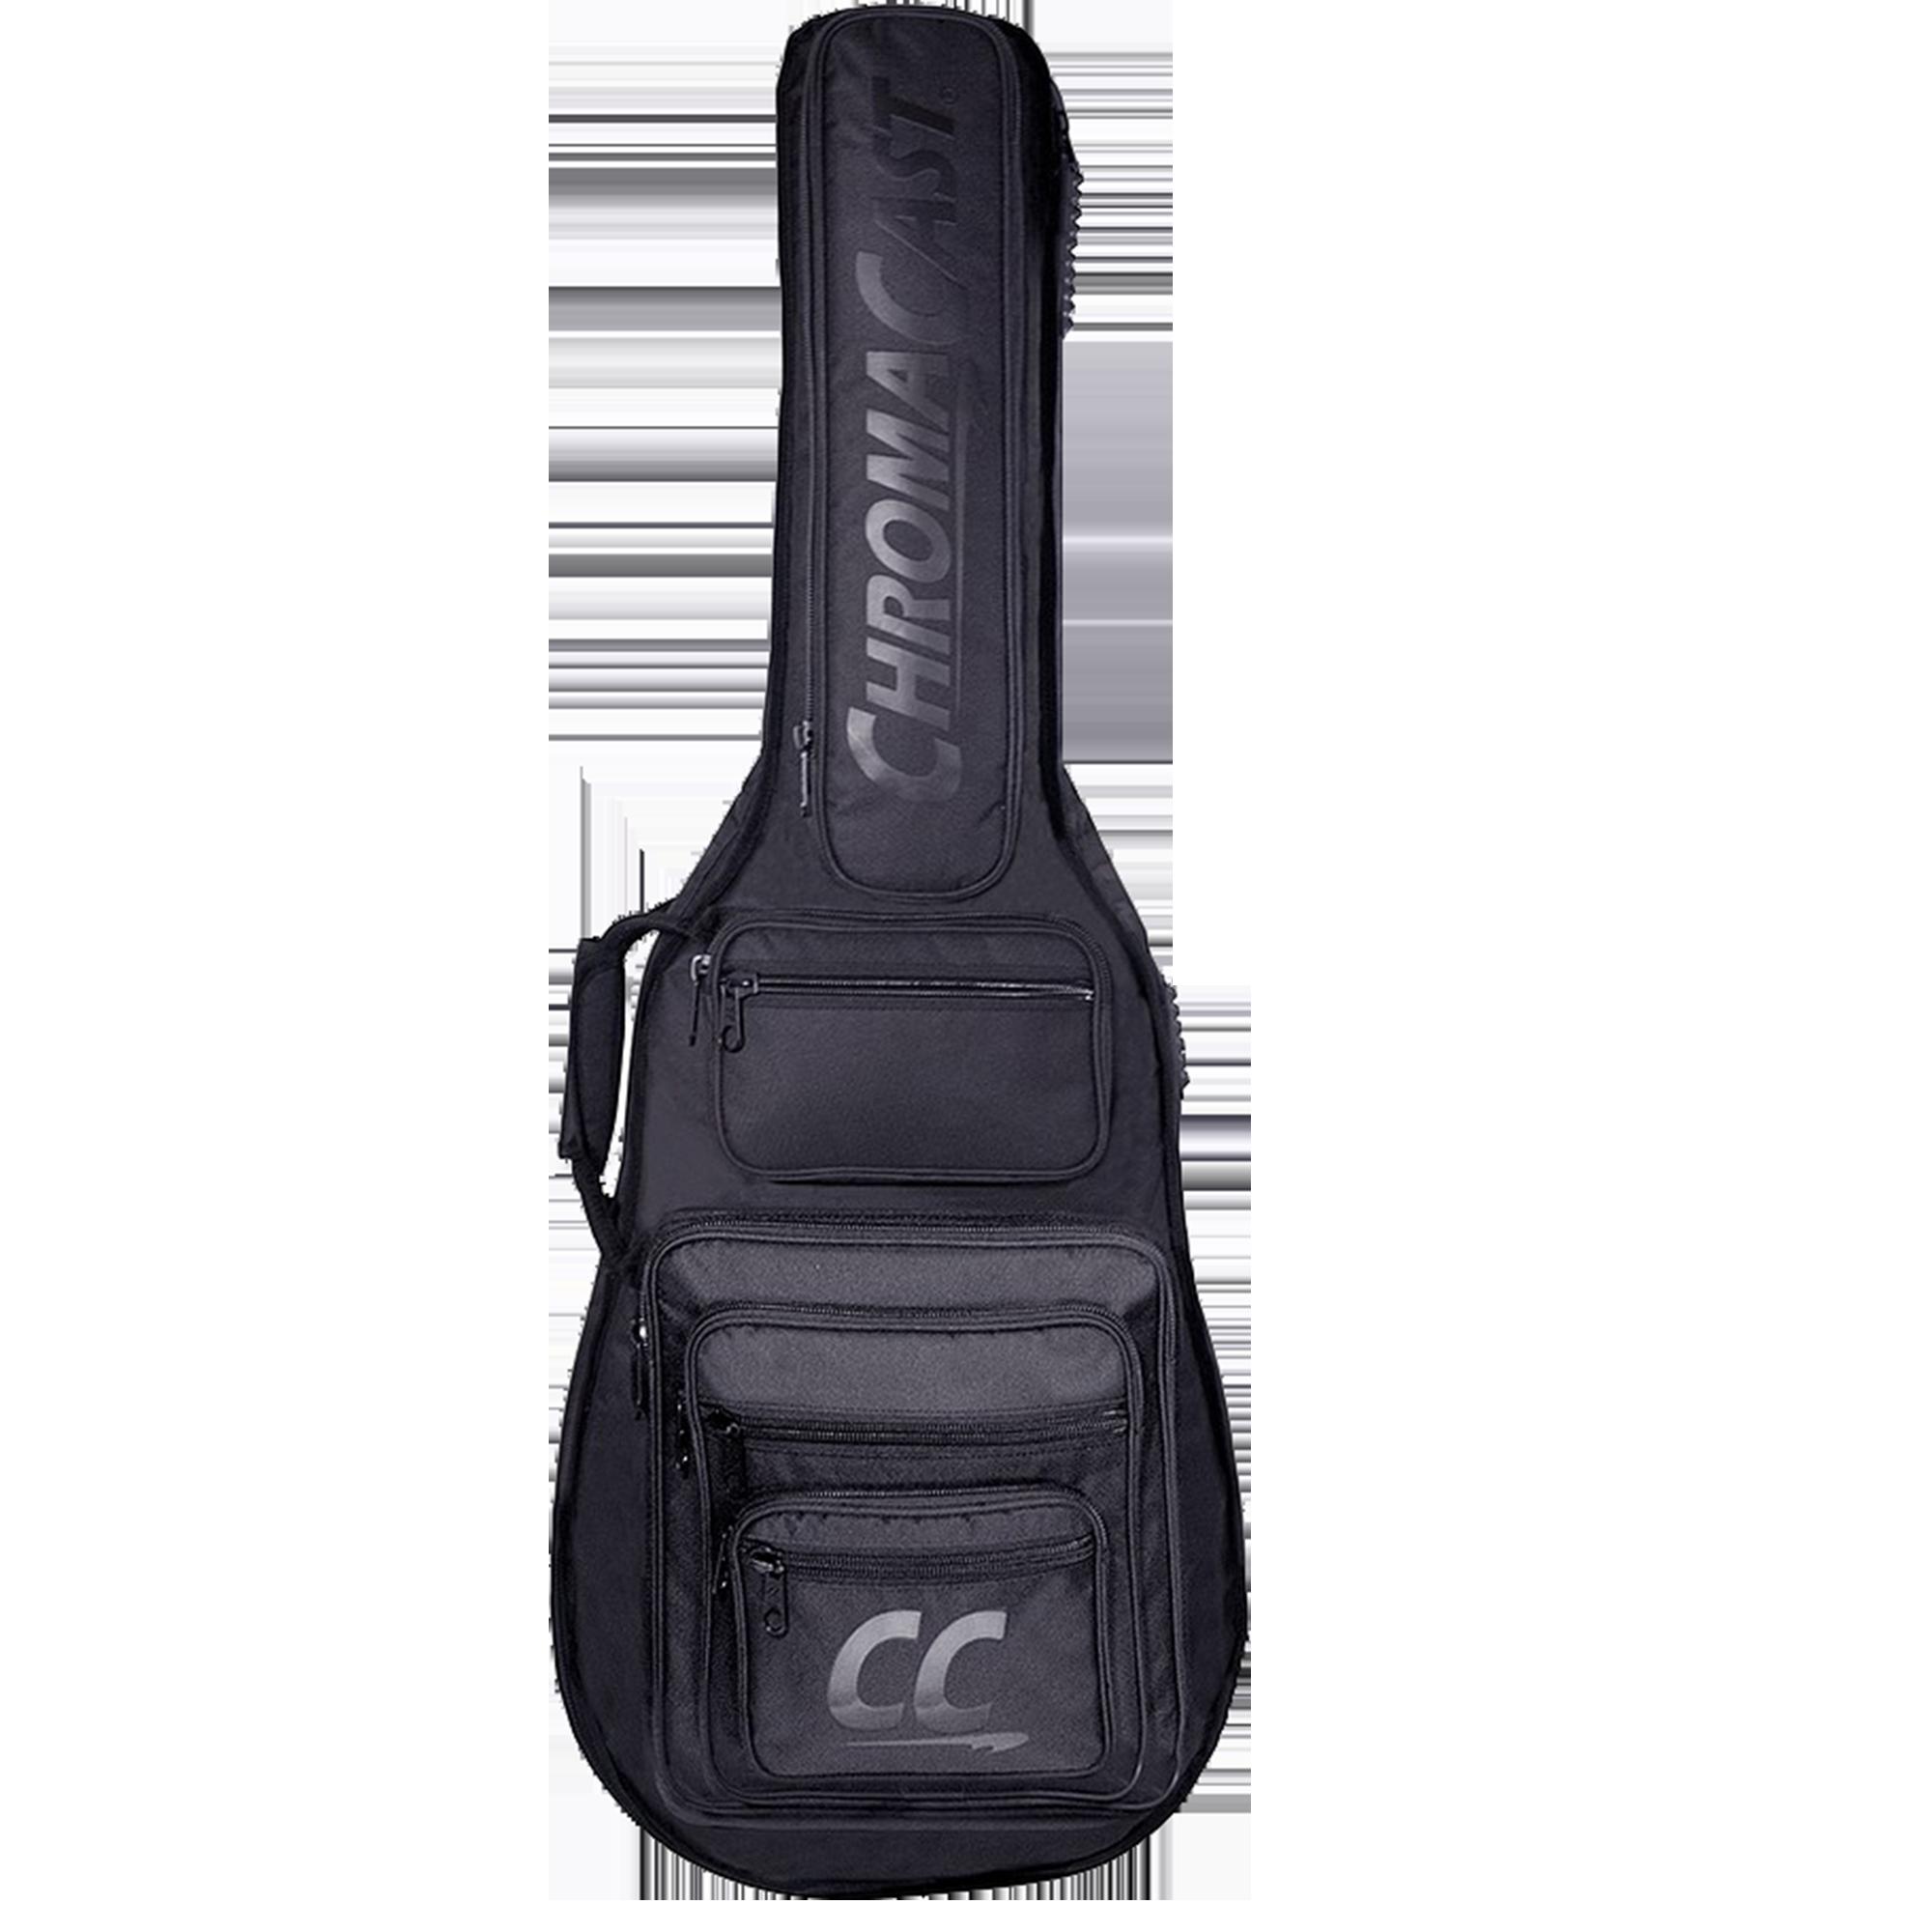 ChromaCast Guitar Gig Bag